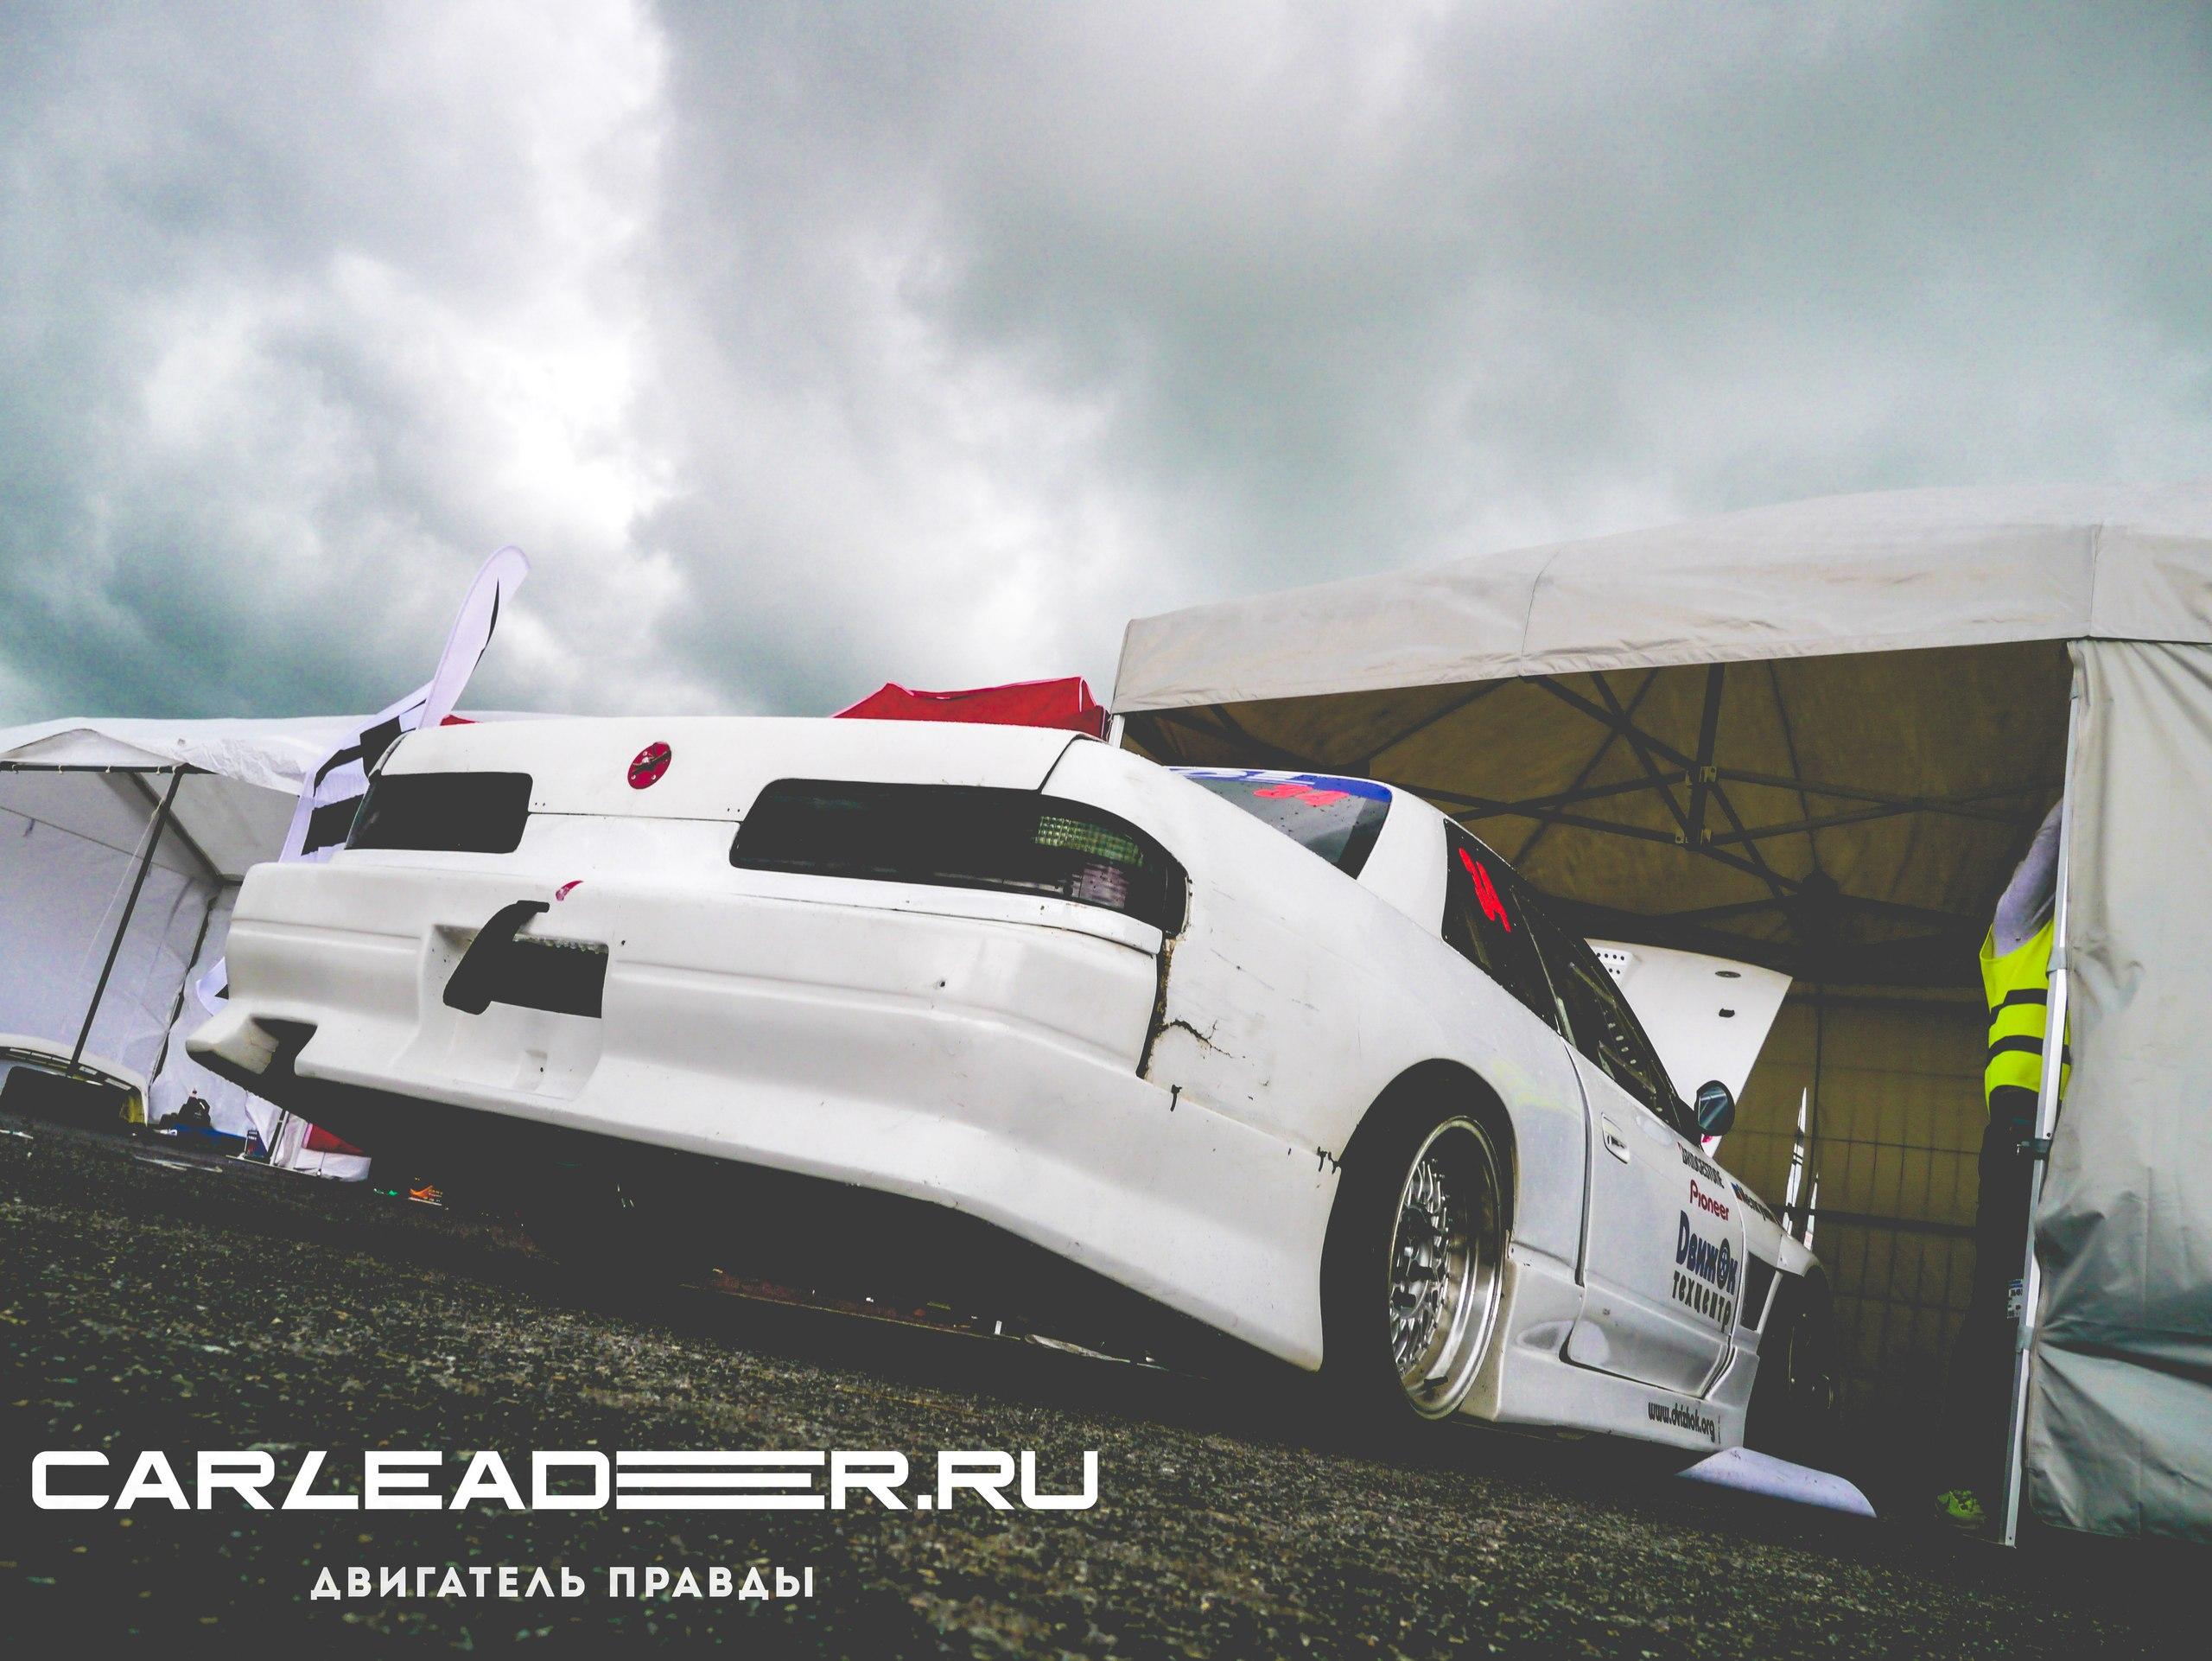 Nissan Silvia S13 Мелкумян Кар лидер вирусное фото